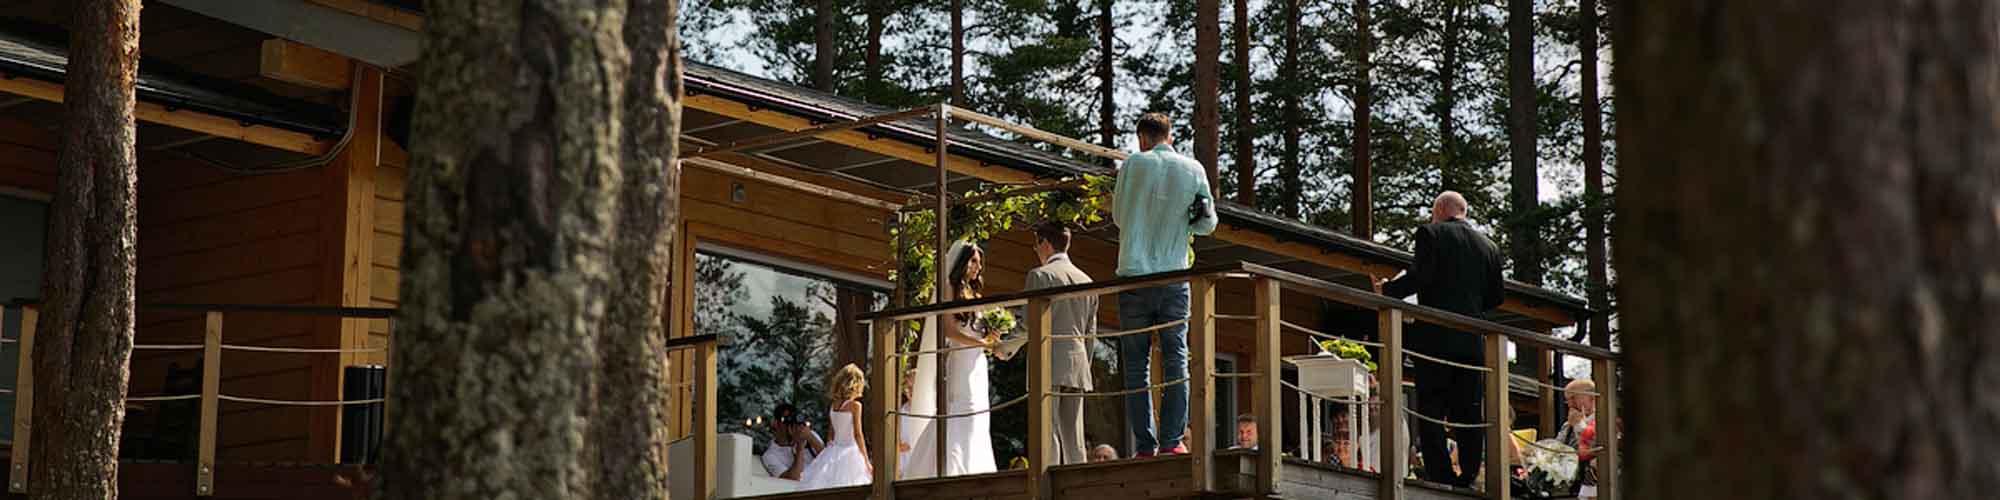 свадьба в коттедже снять